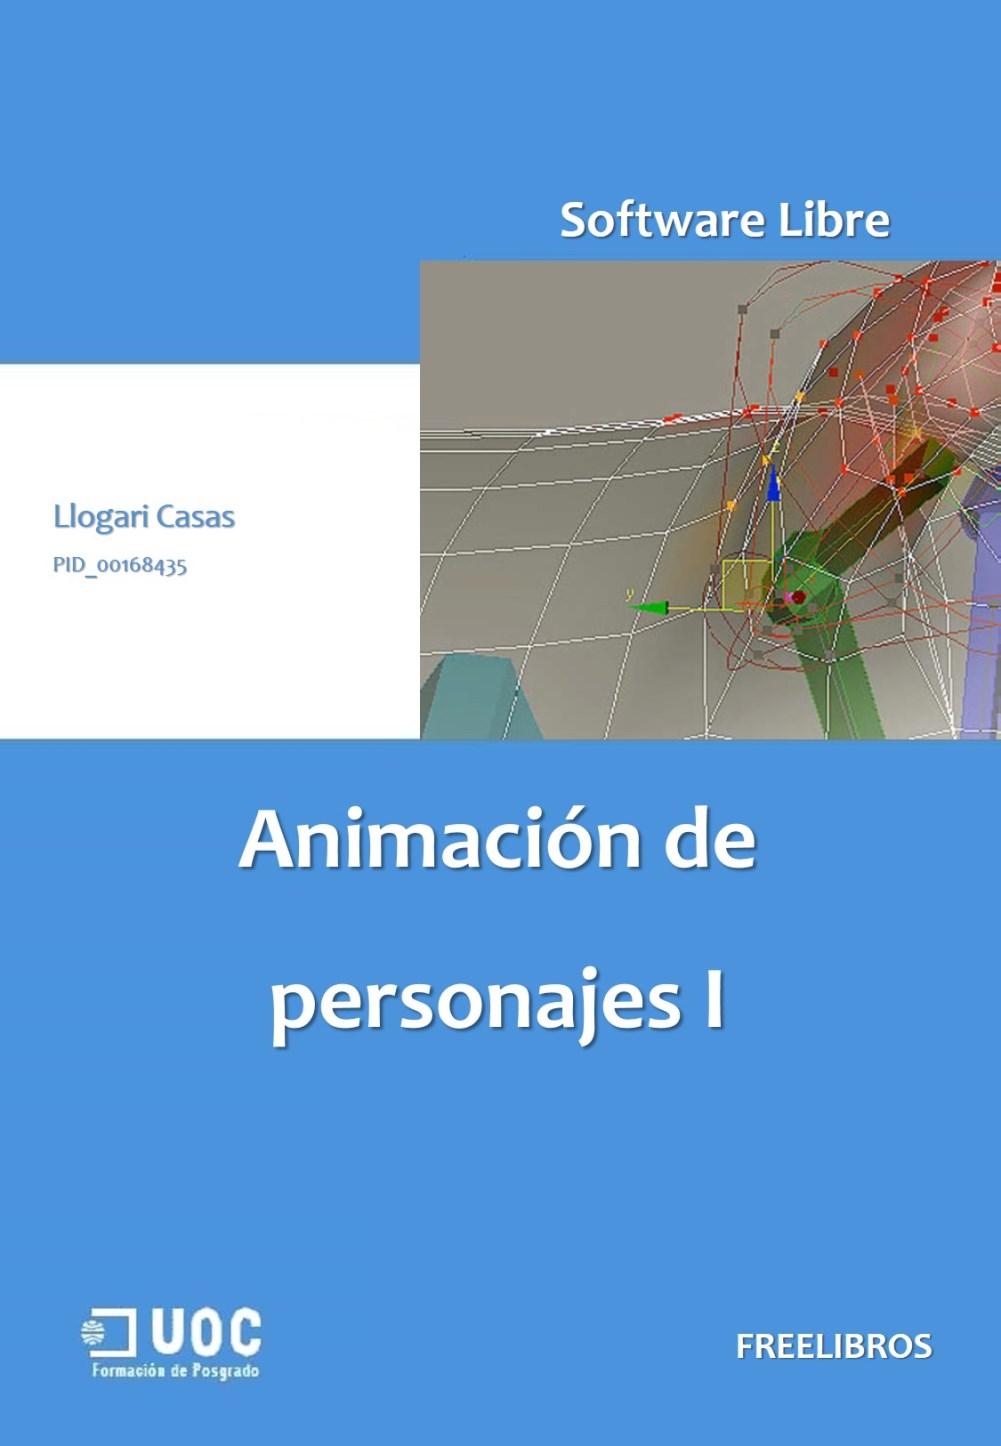 Animación de personajes I – Llogari Casas